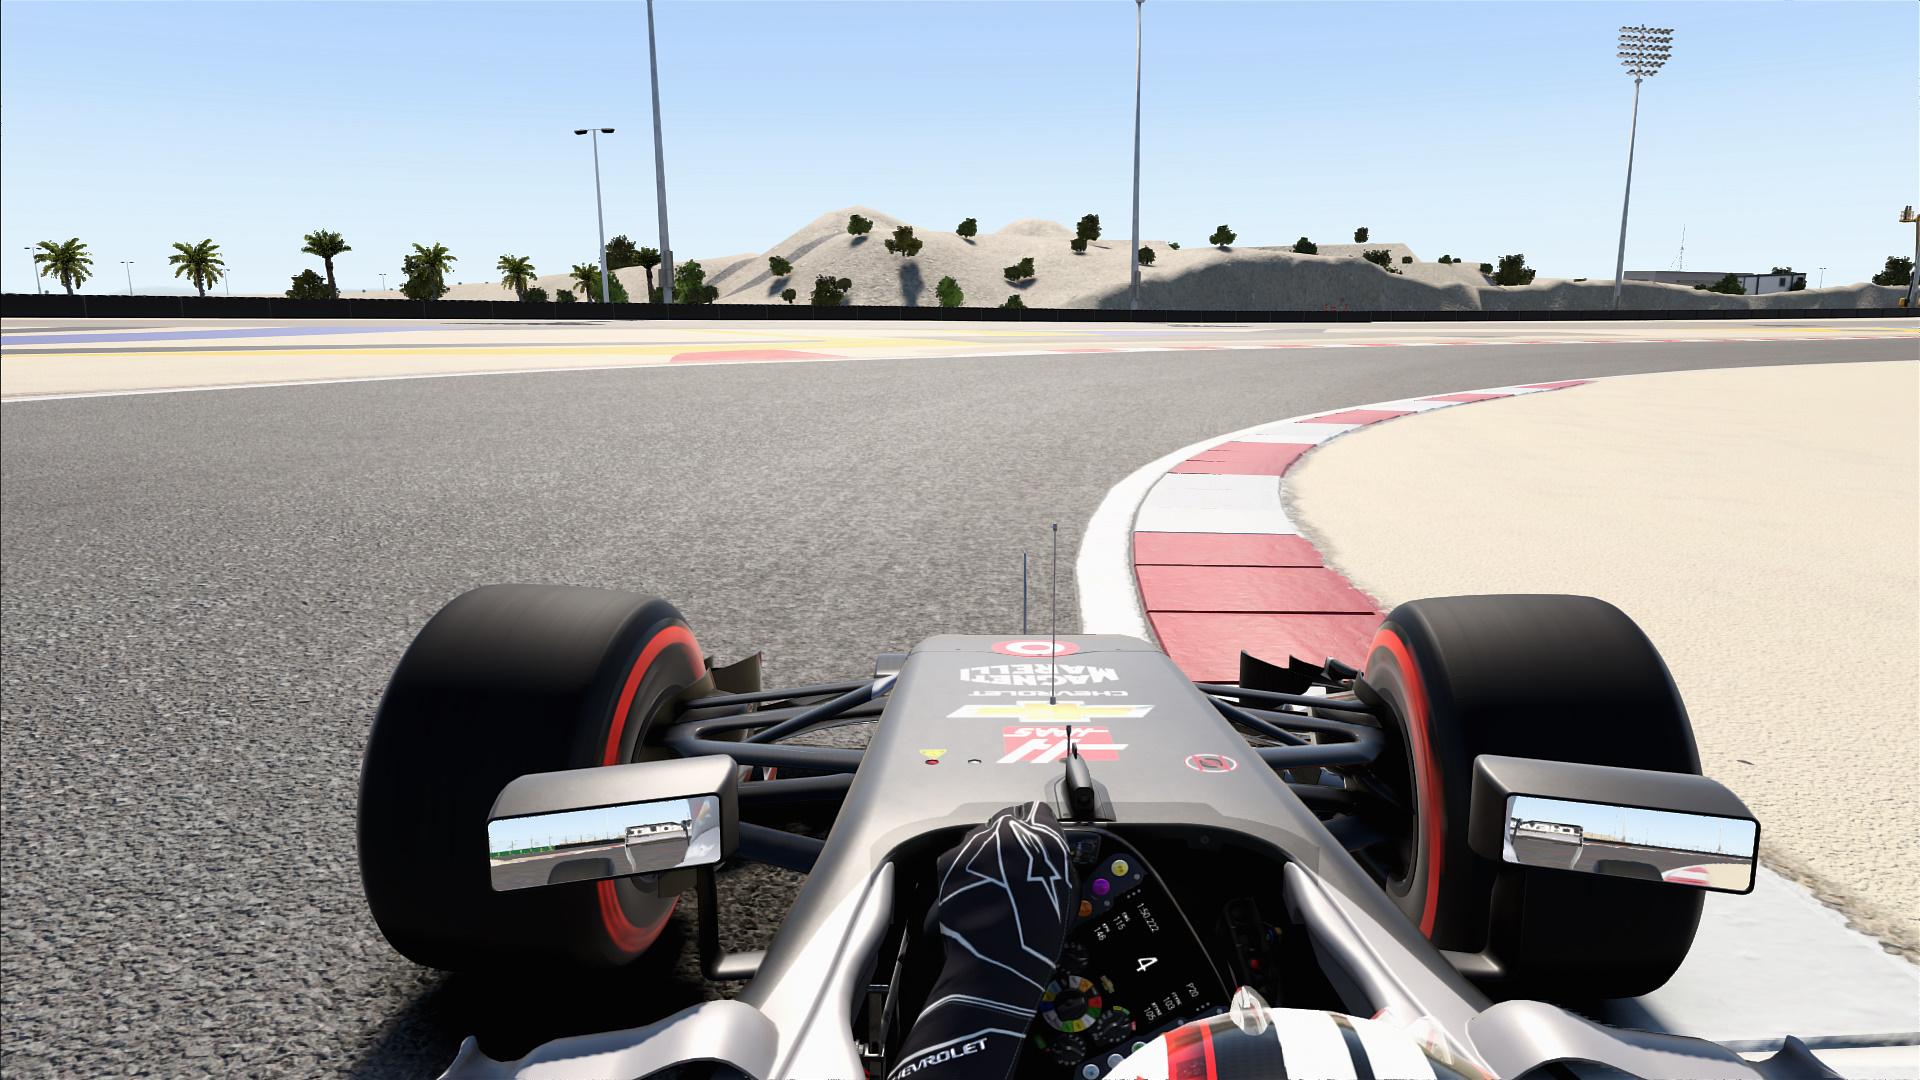 F1_2017 2017-12-16 21-46-26-408.jpg